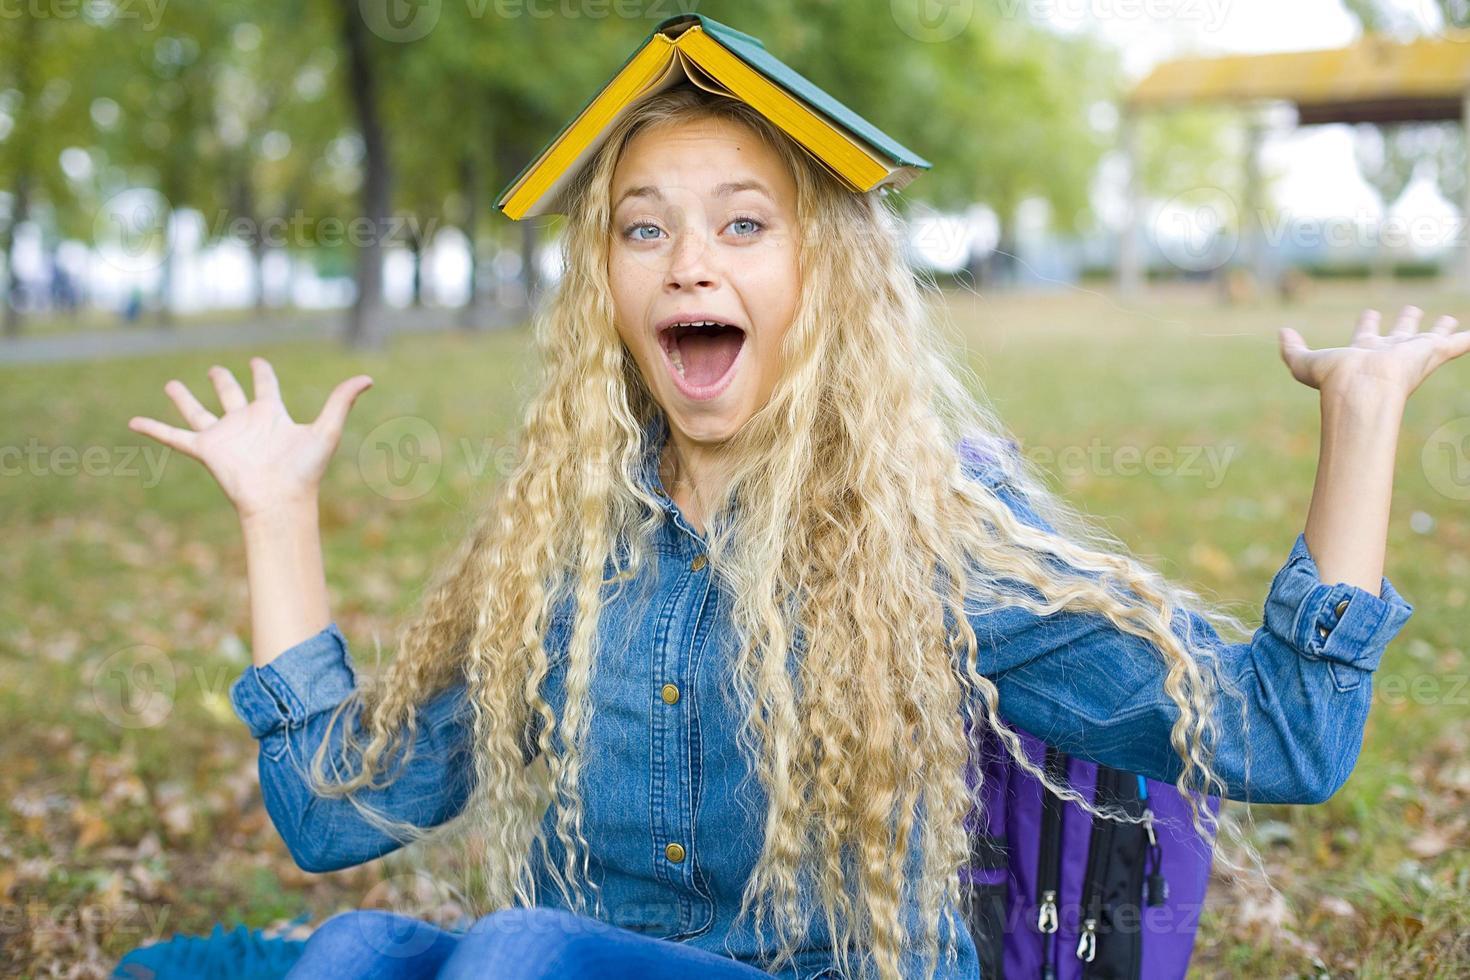 aluna alegre com um livro na cabeça foto